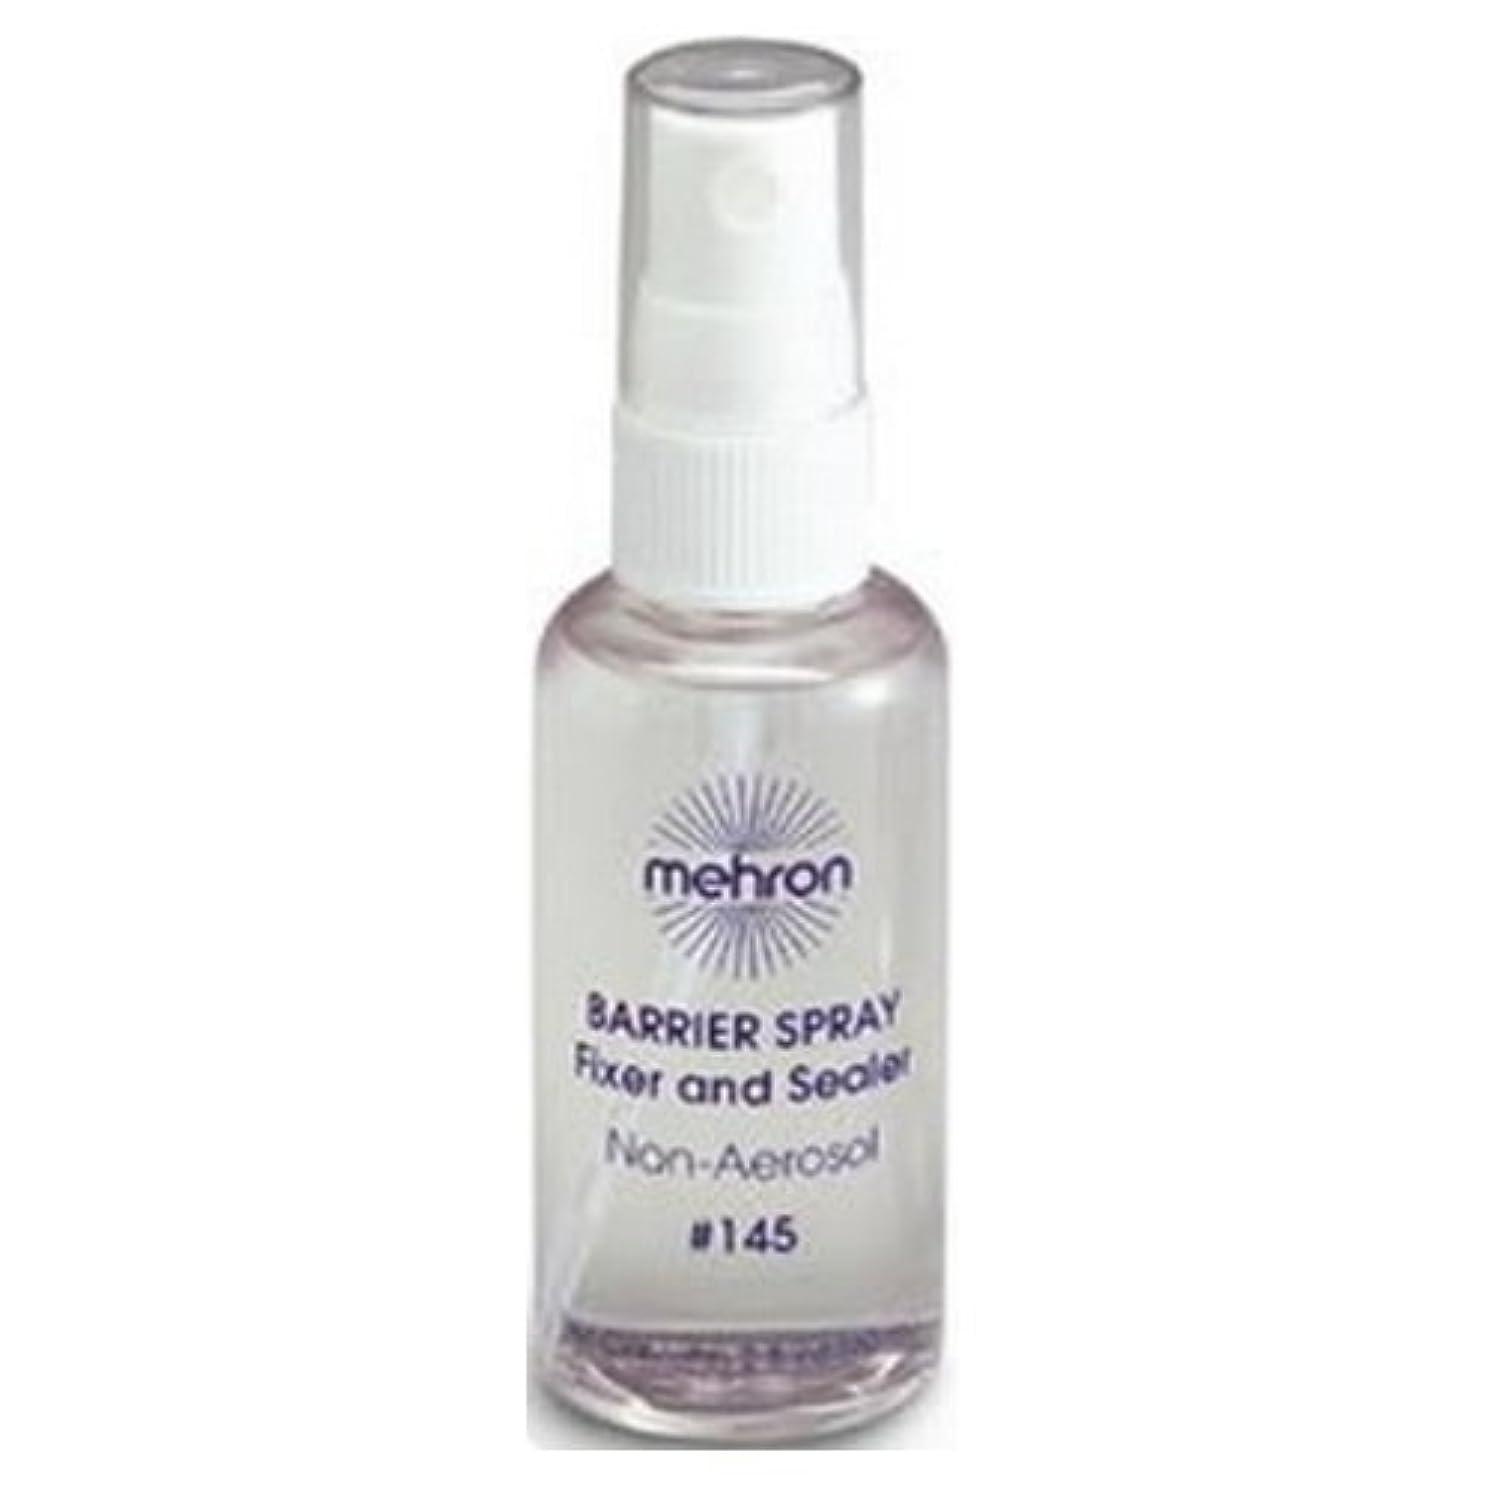 マイナー水平写真を描く(3 Pack) mehron Barrier Spray Fixer and Sealer - Clear (並行輸入品)